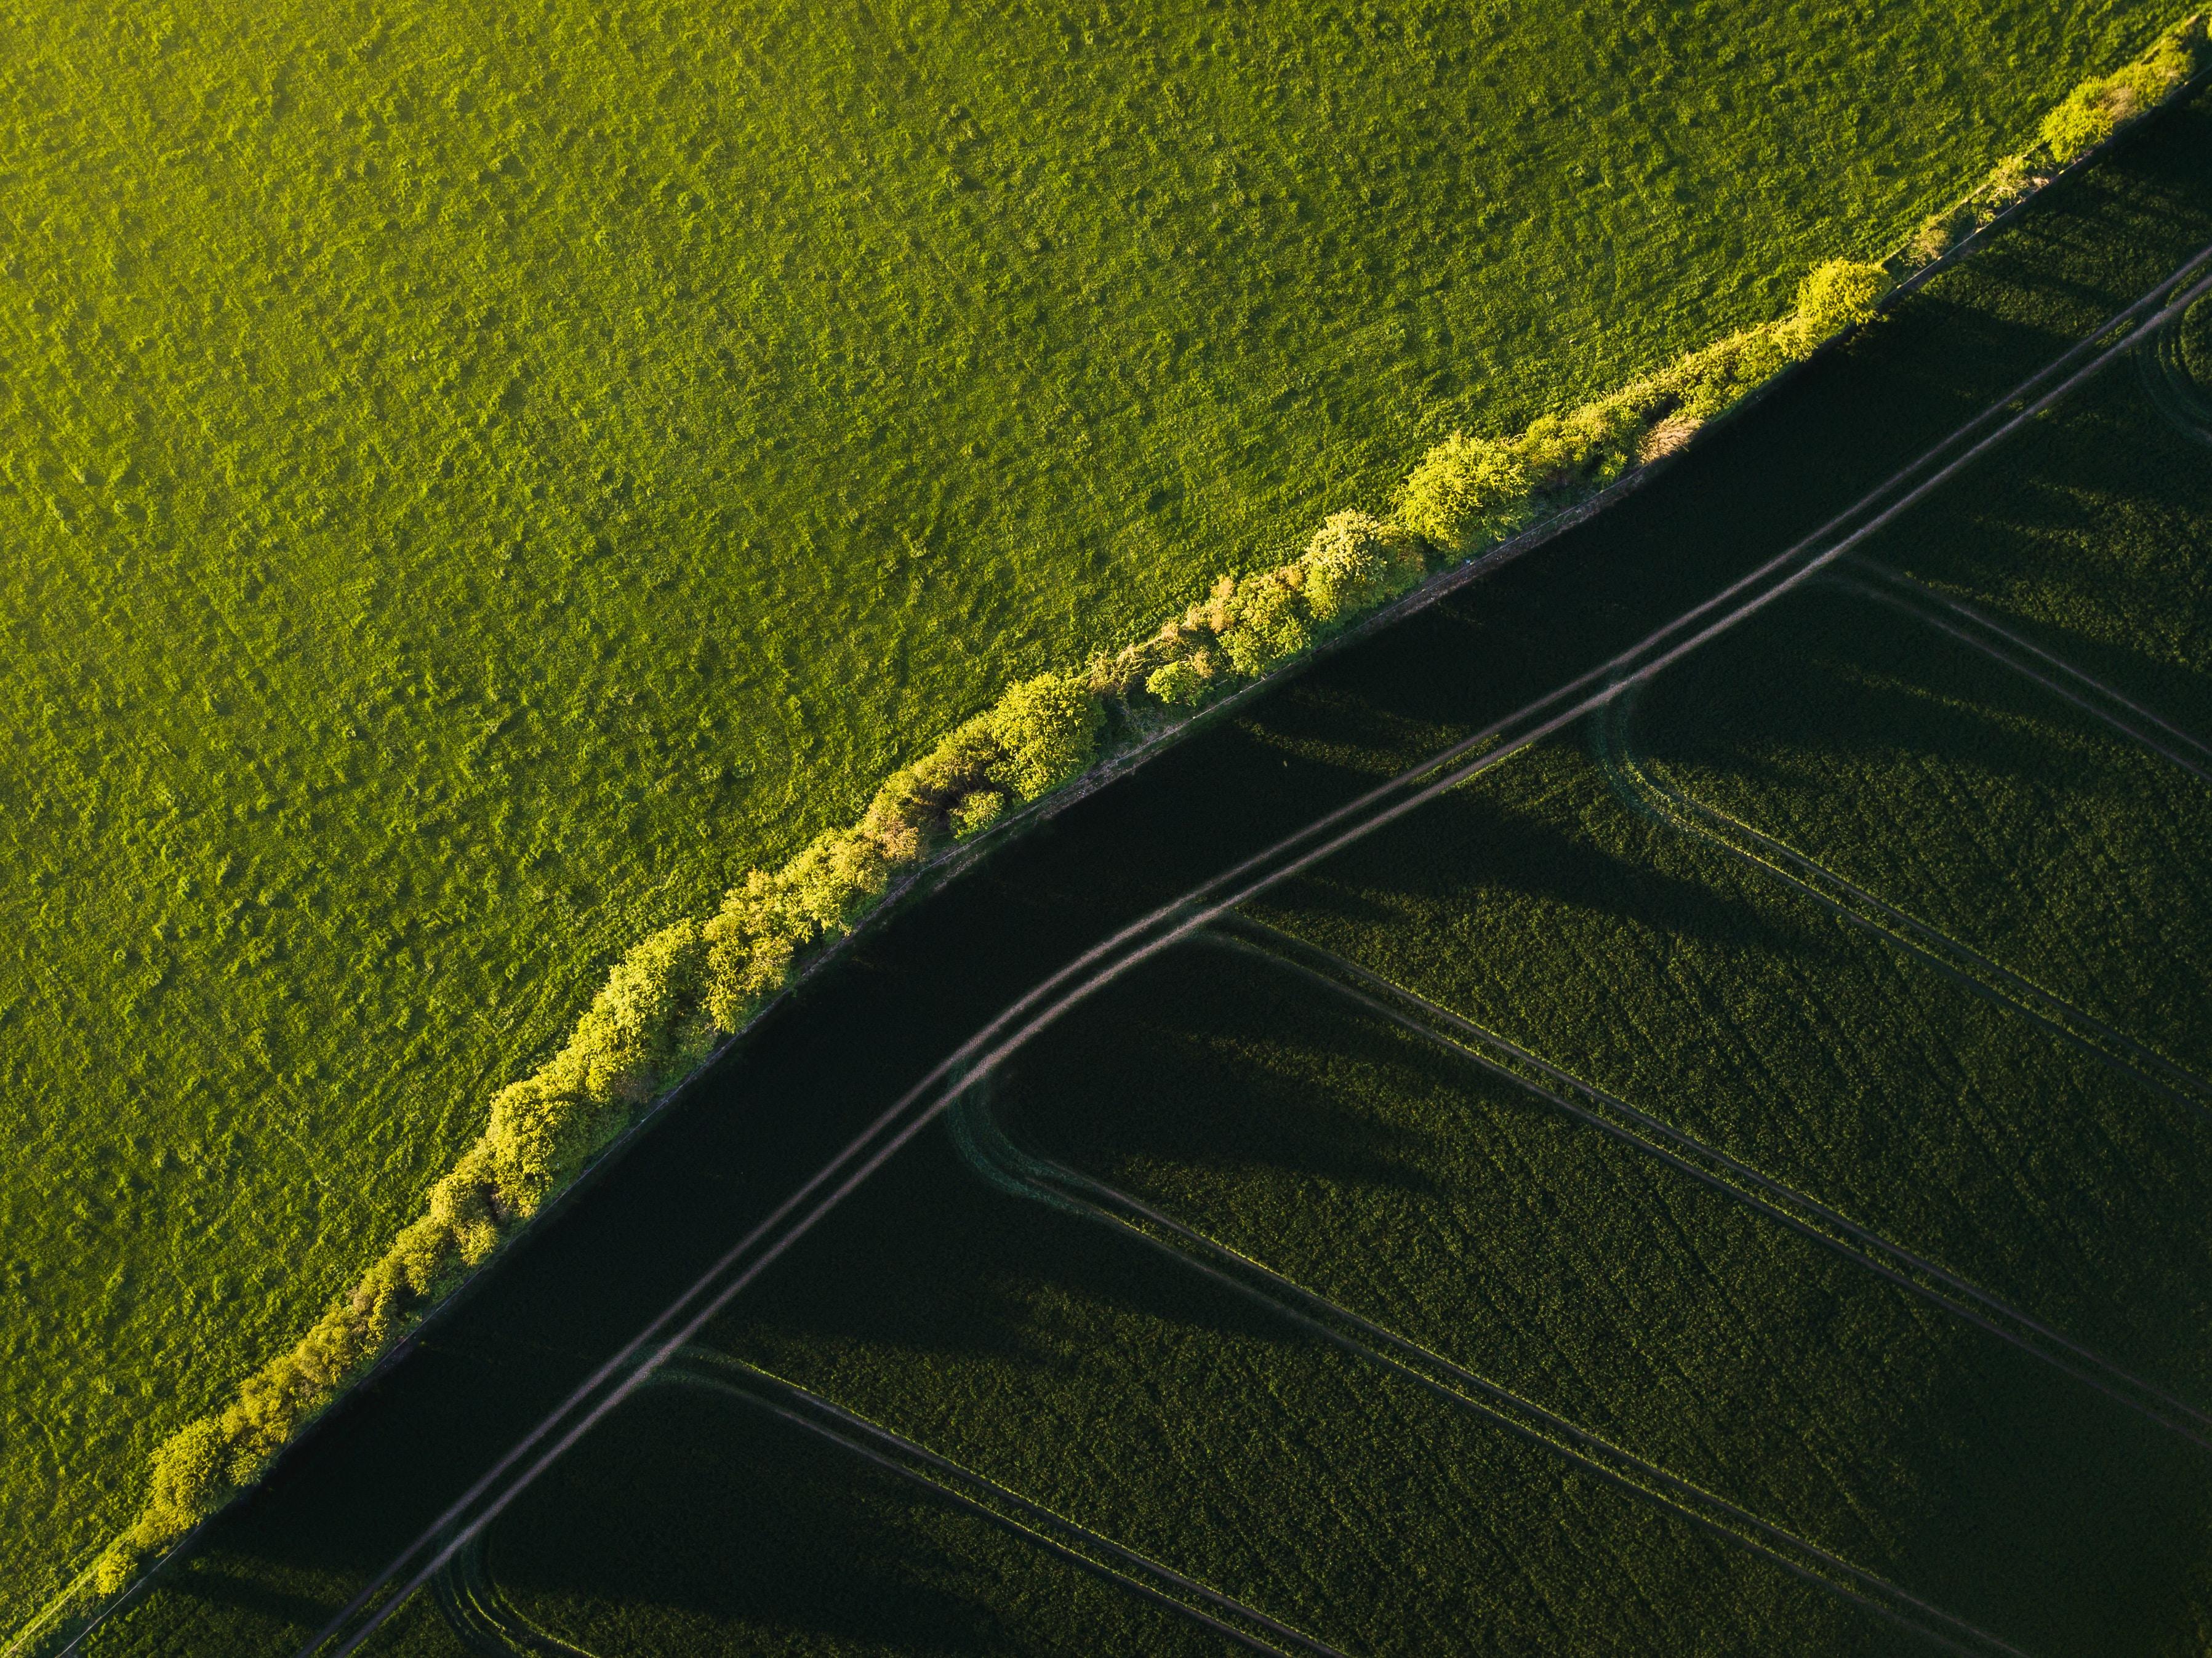 bird's eye view photo of green grass field